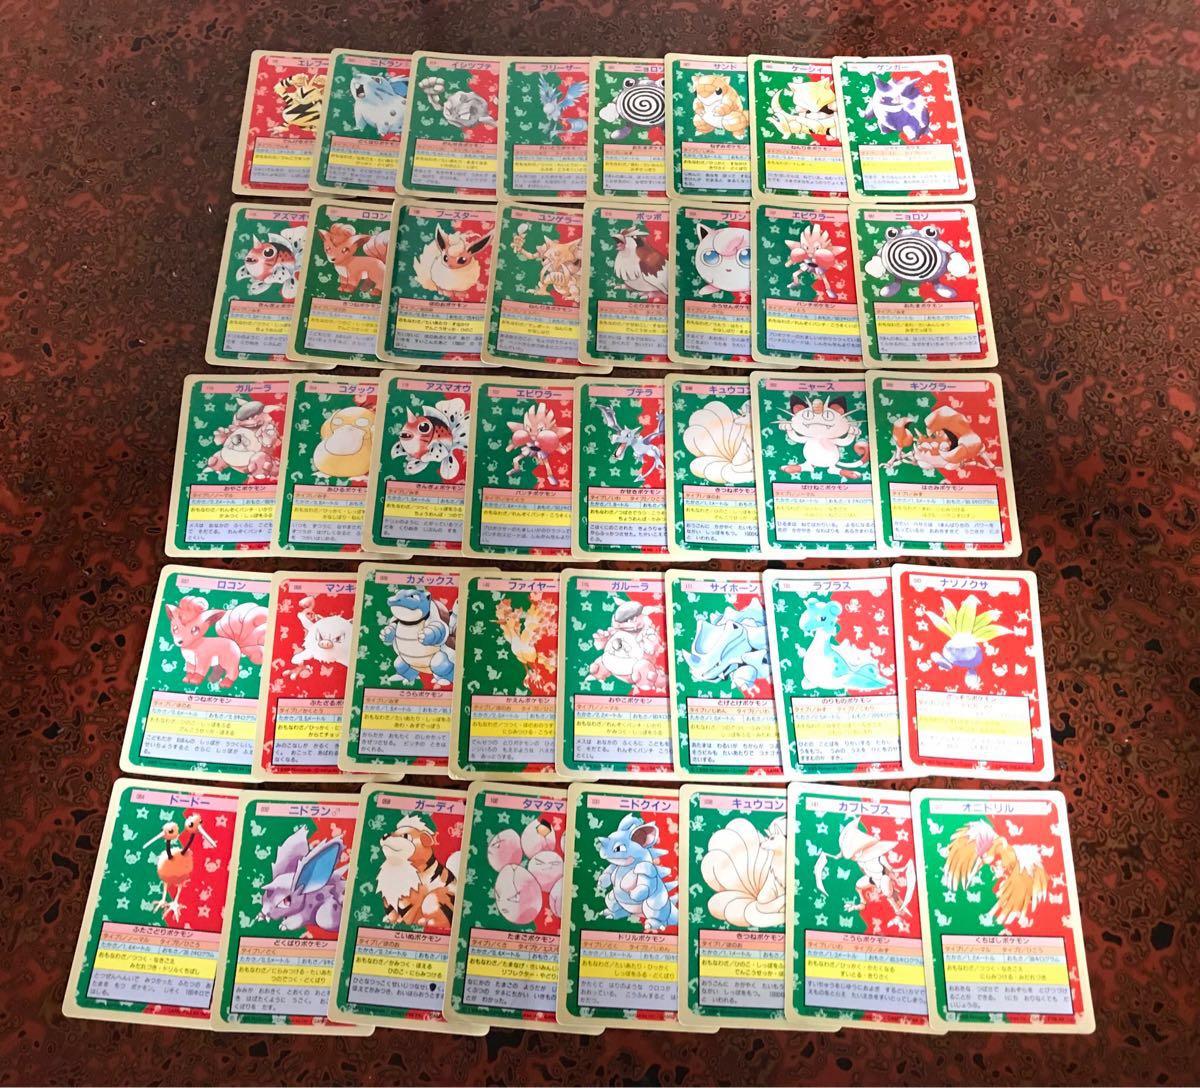 ポケモンカード まとめ売り 旧裏 新裏 約500枚_画像5